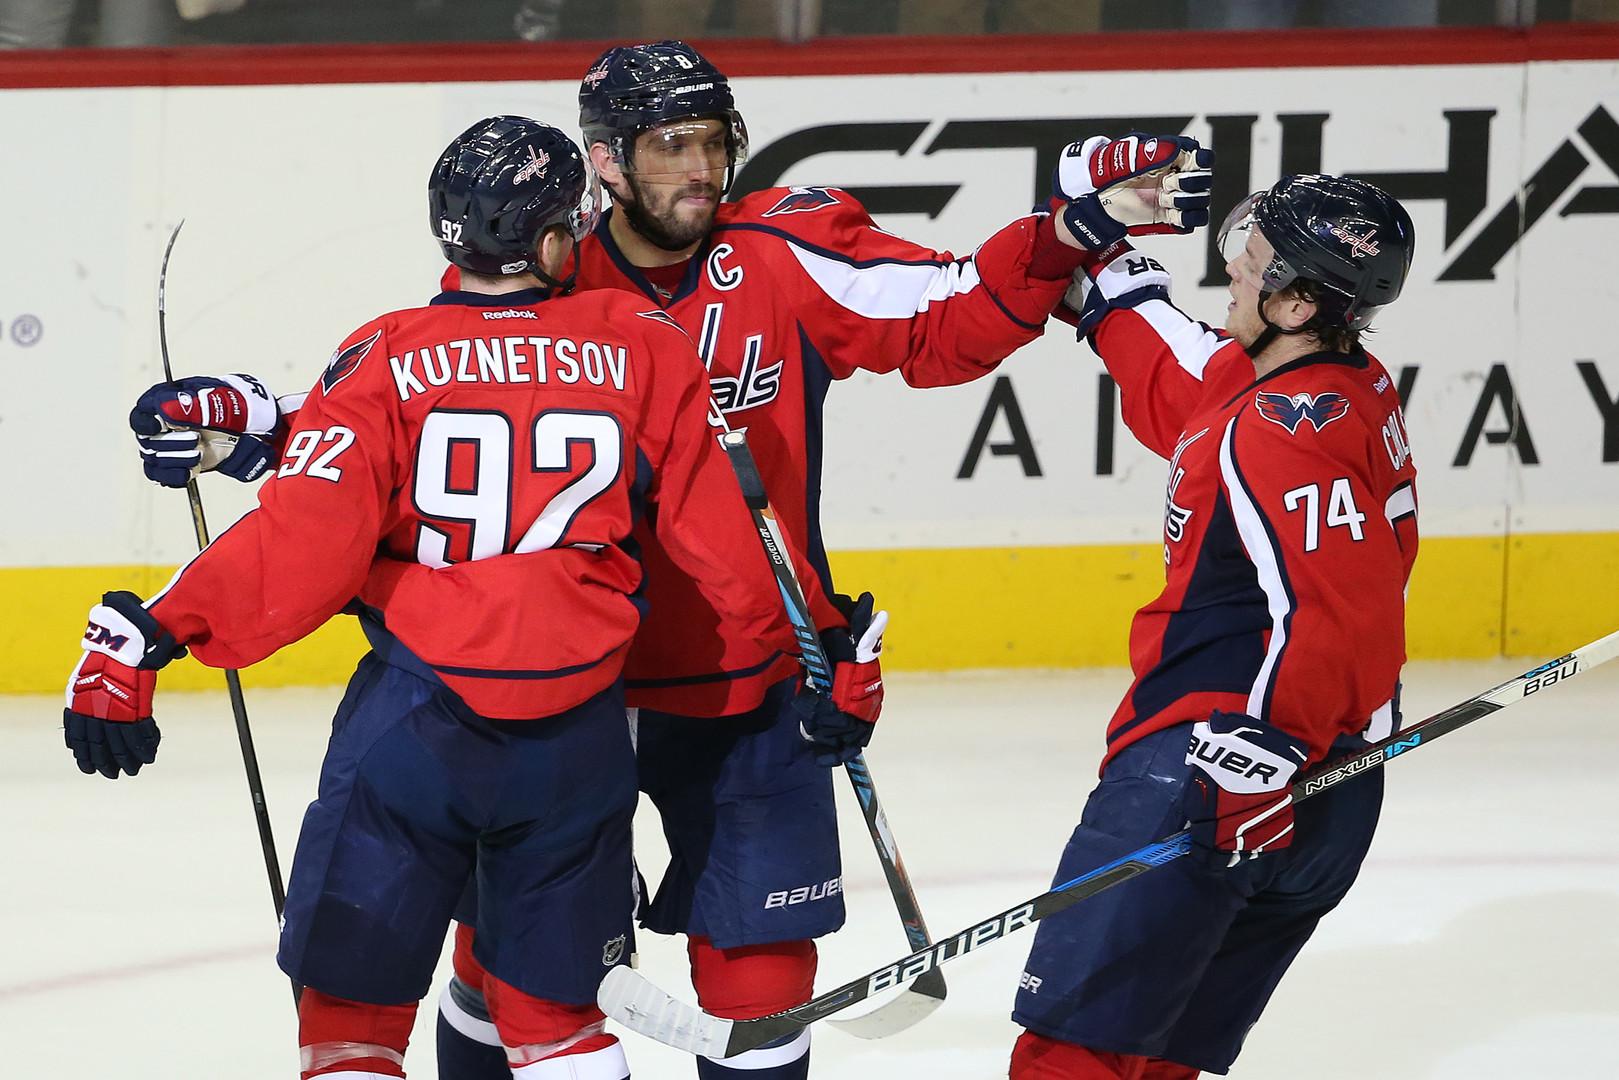 Из всех орудий: россияне забросили восемь шайб за ночь в НХЛ